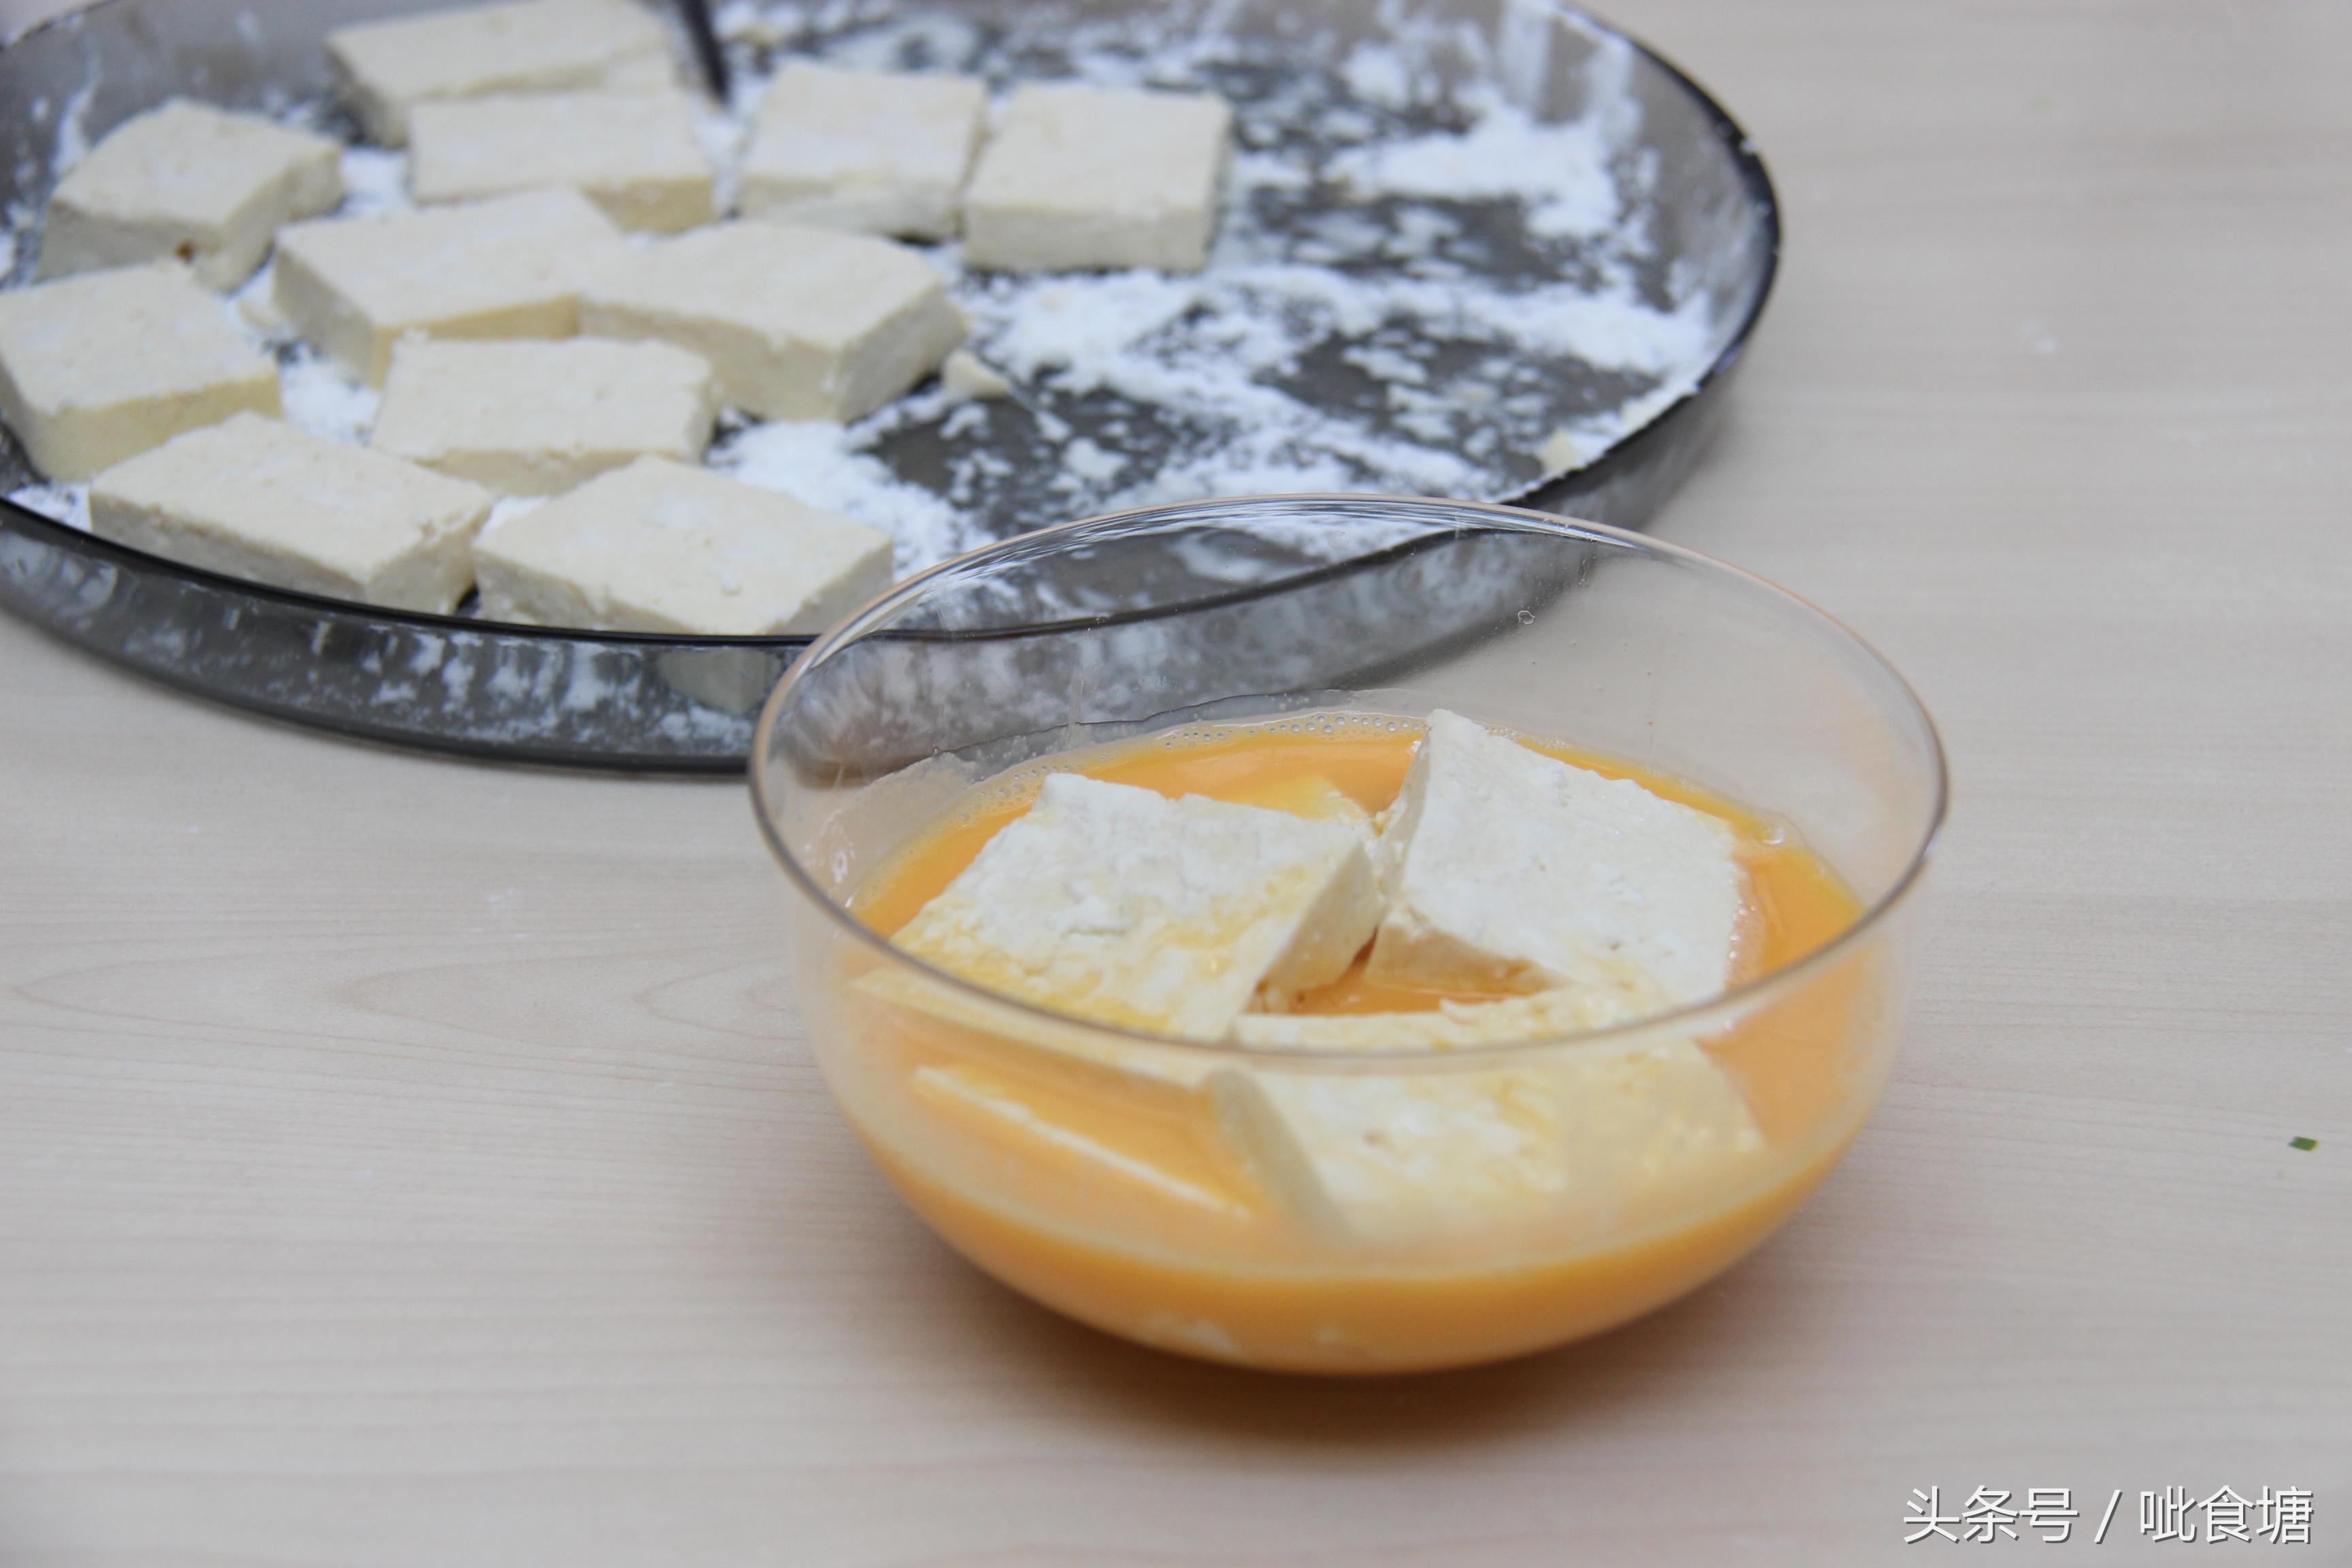 经典鲁菜锅塌豆腐 做法其实很简单 锅塌豆腐 第7张